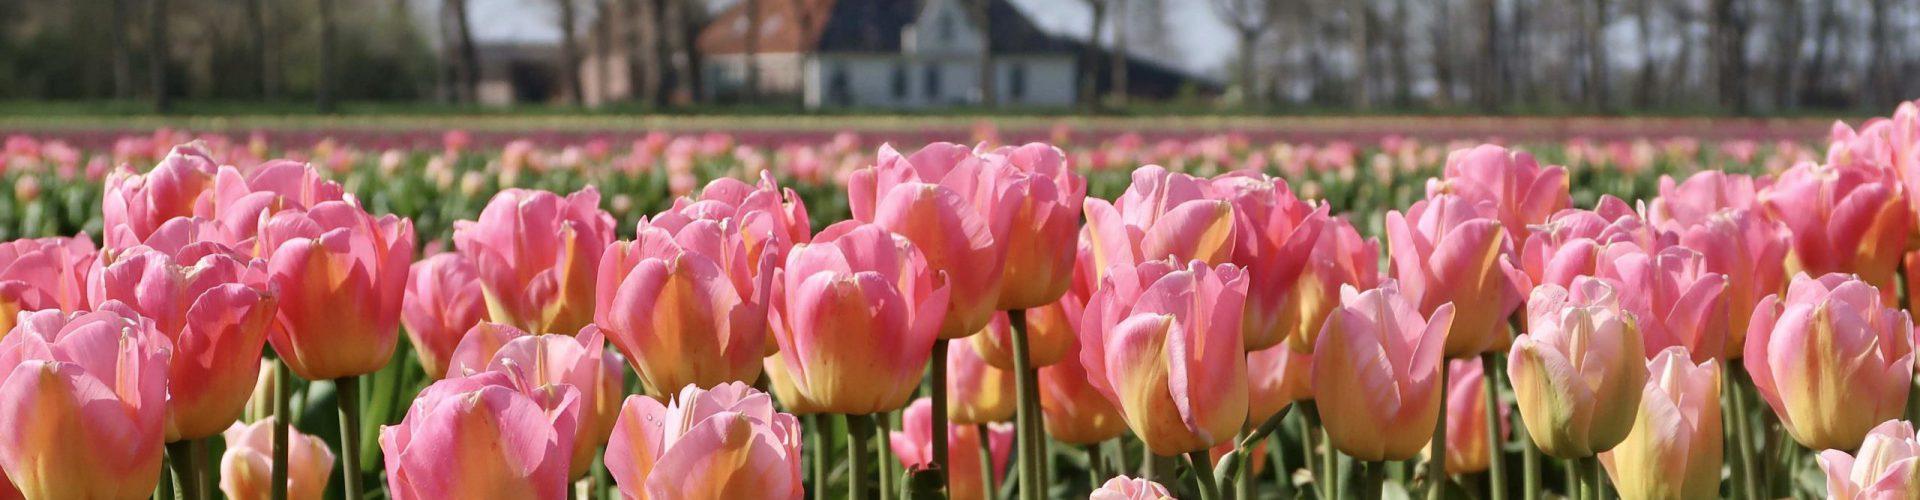 Rose tulpen en boerderij IMG_3145